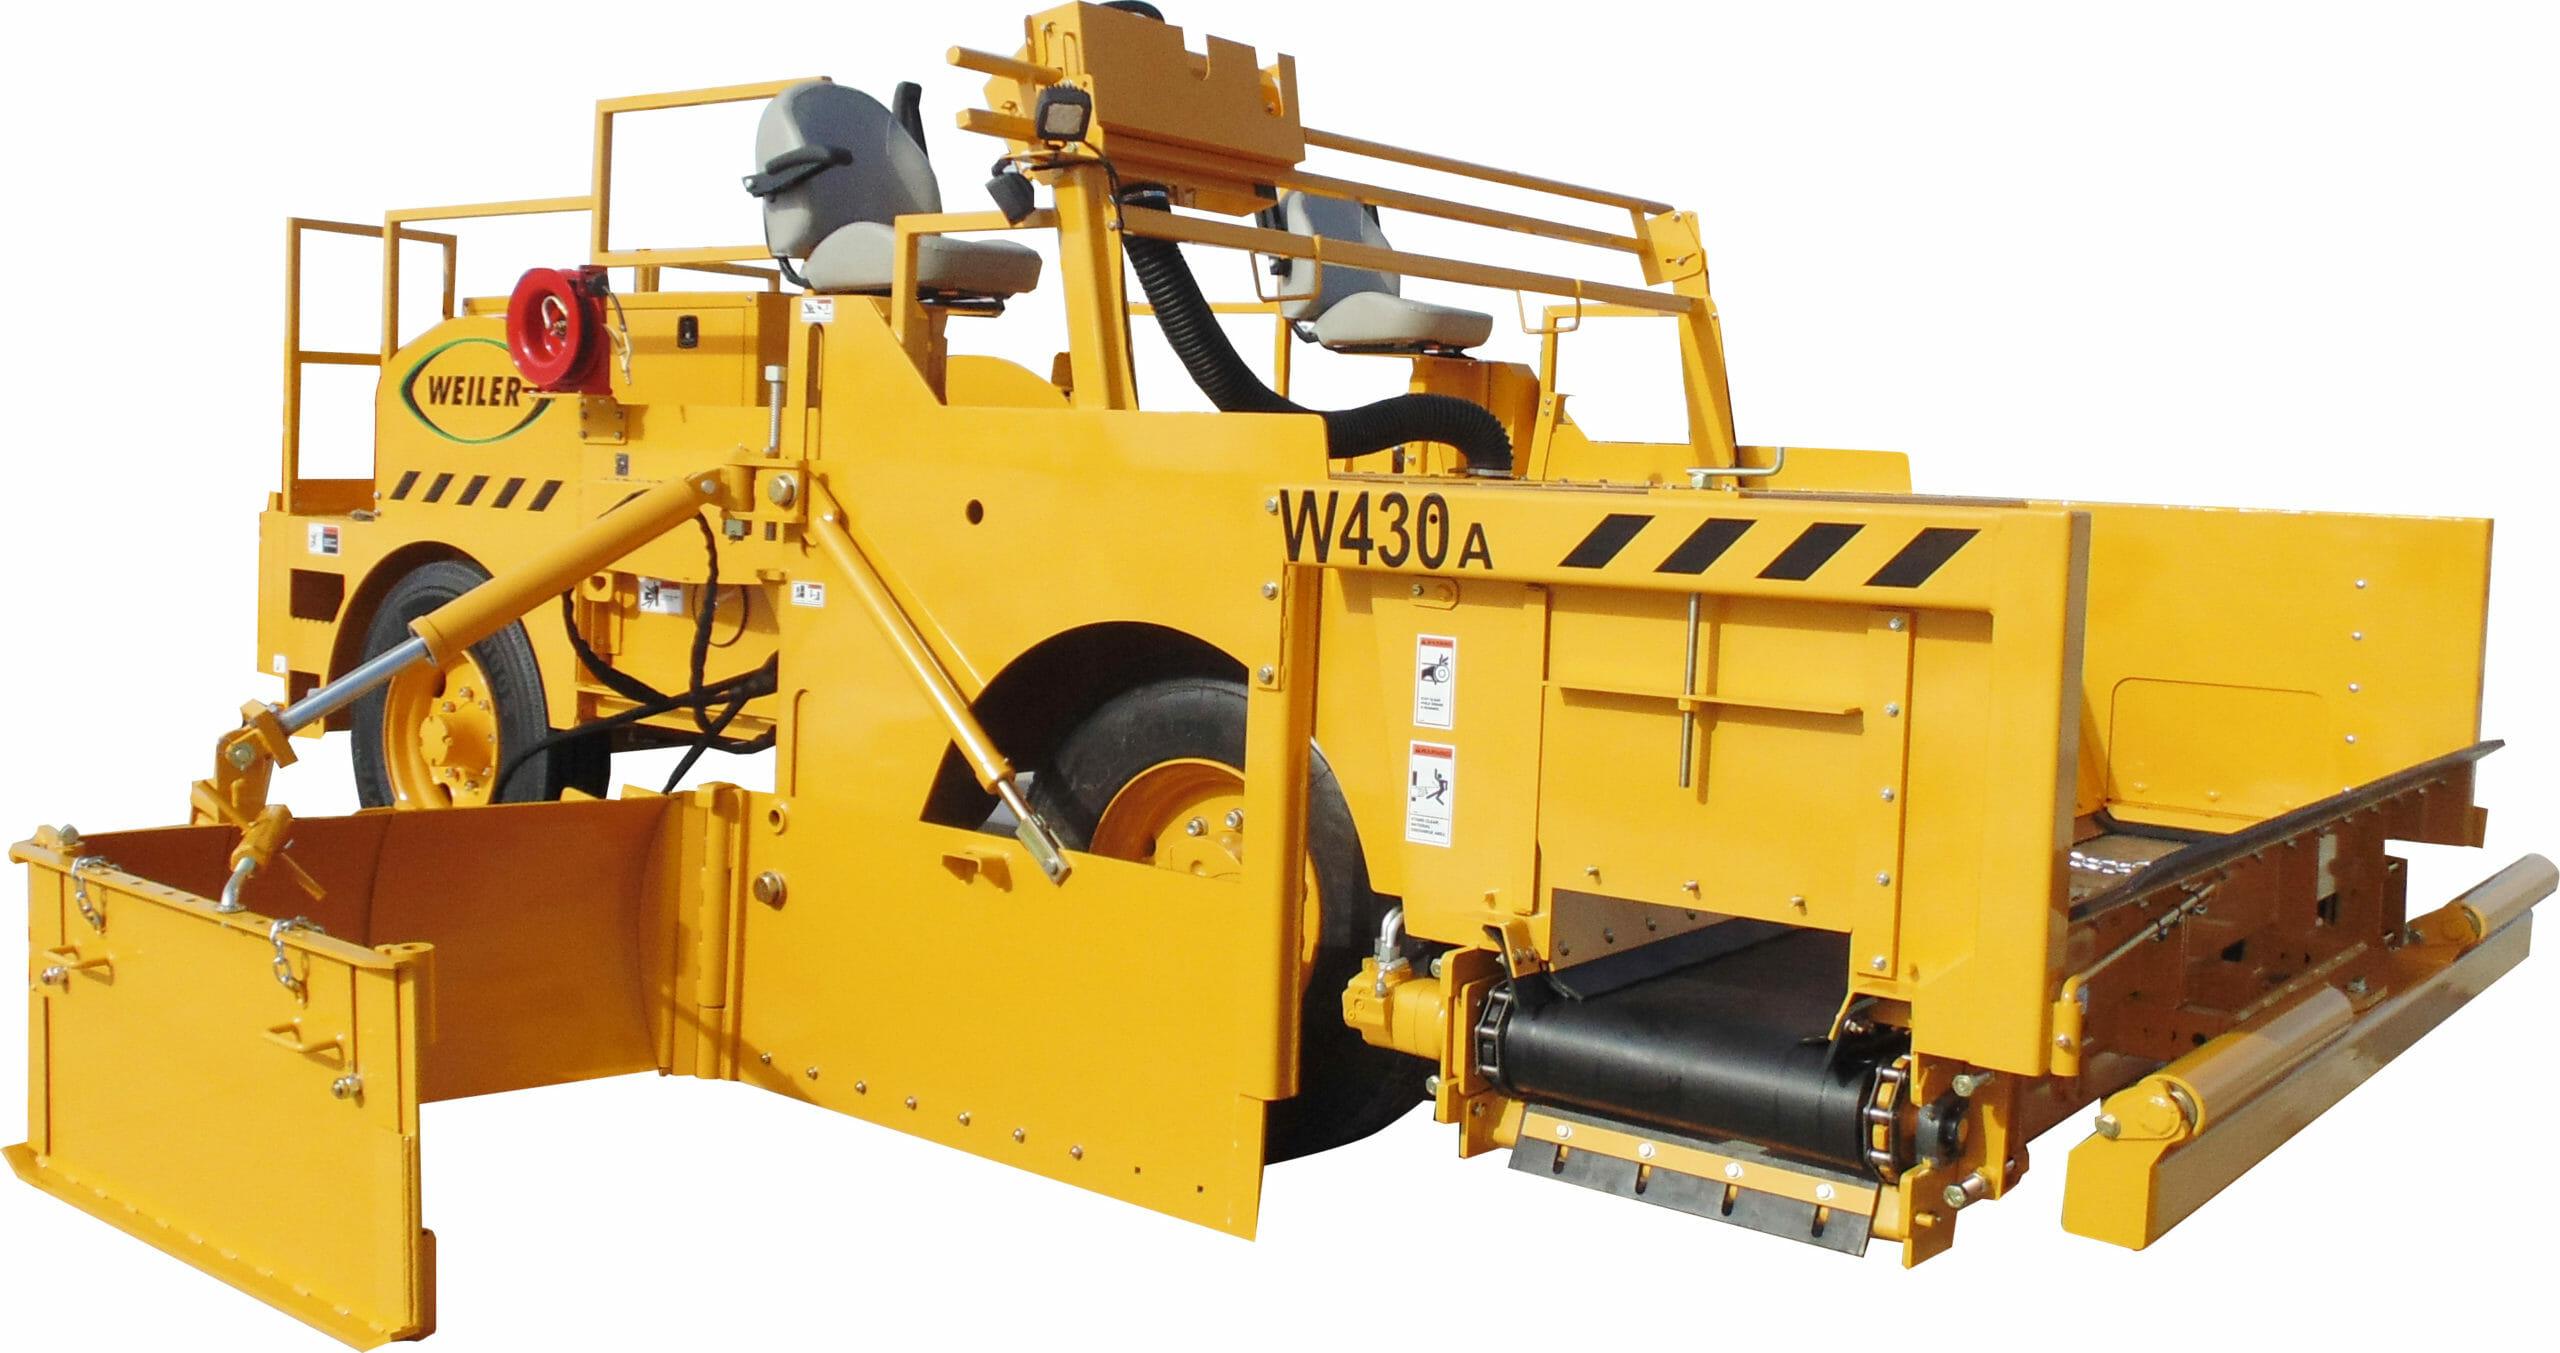 Weiler 430A